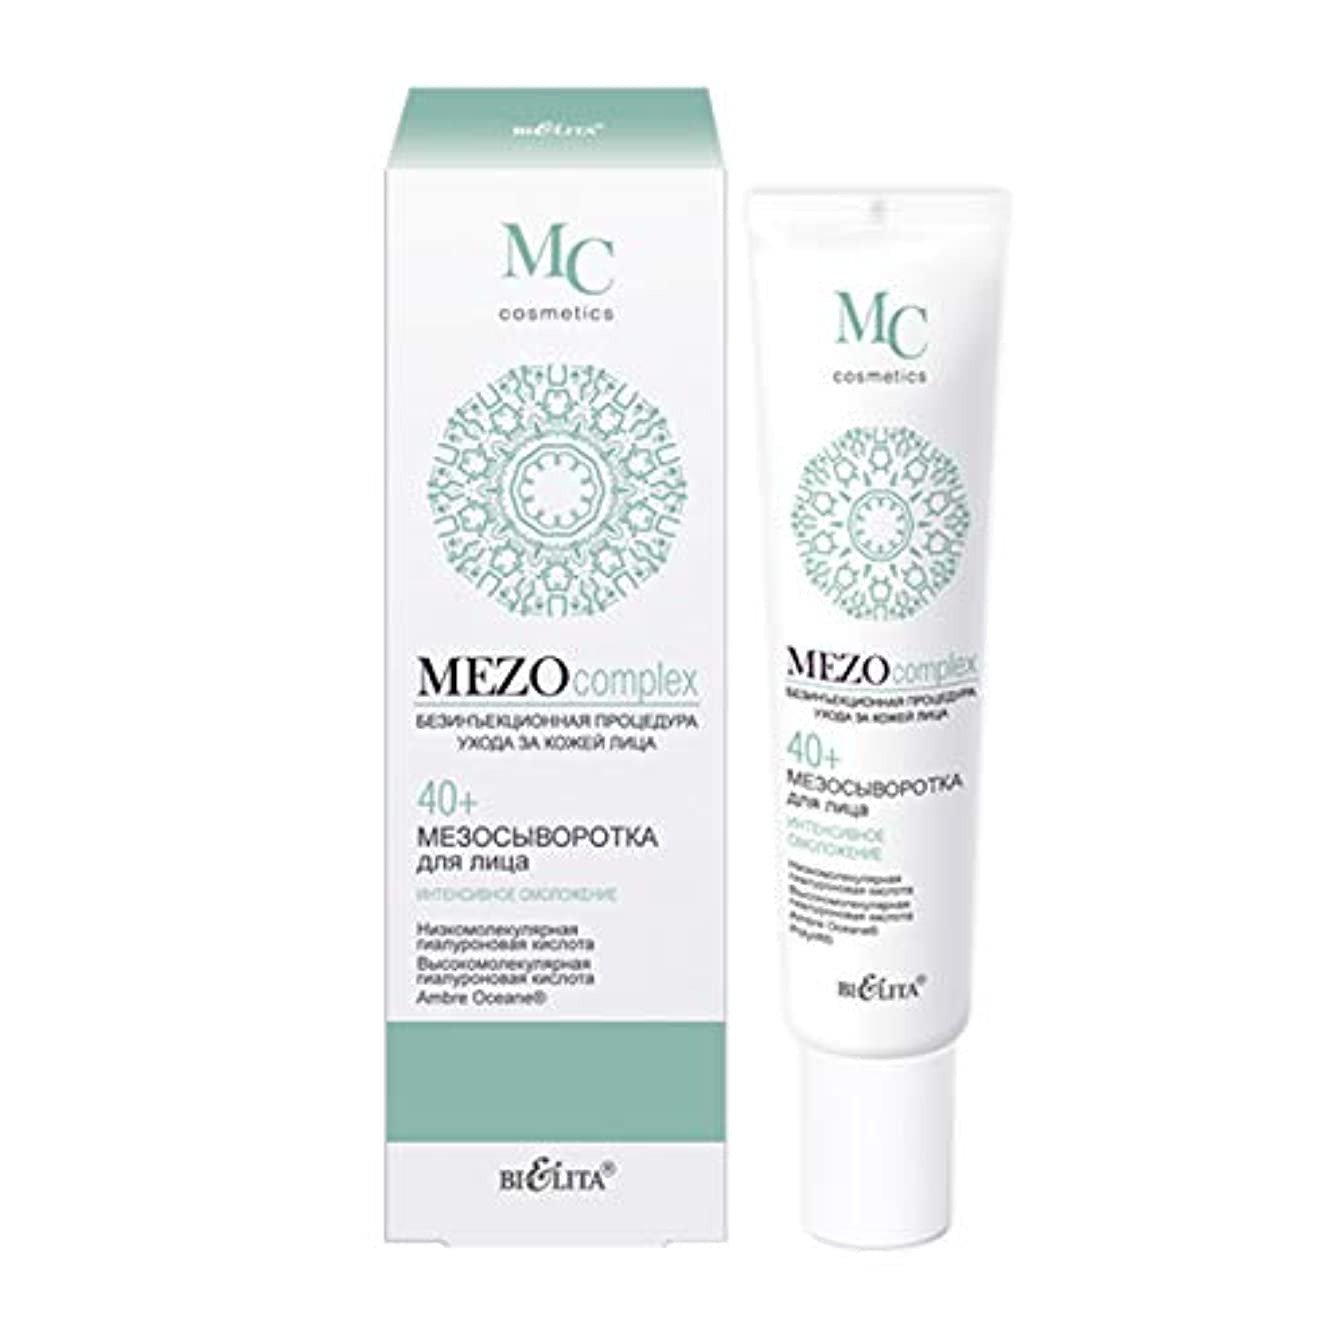 教科書樹木スロットMezo complex Serum Intensive Rejuvenation 40+ | Non-injection facial skin care procedure | Ambre Oceane | Polylift...